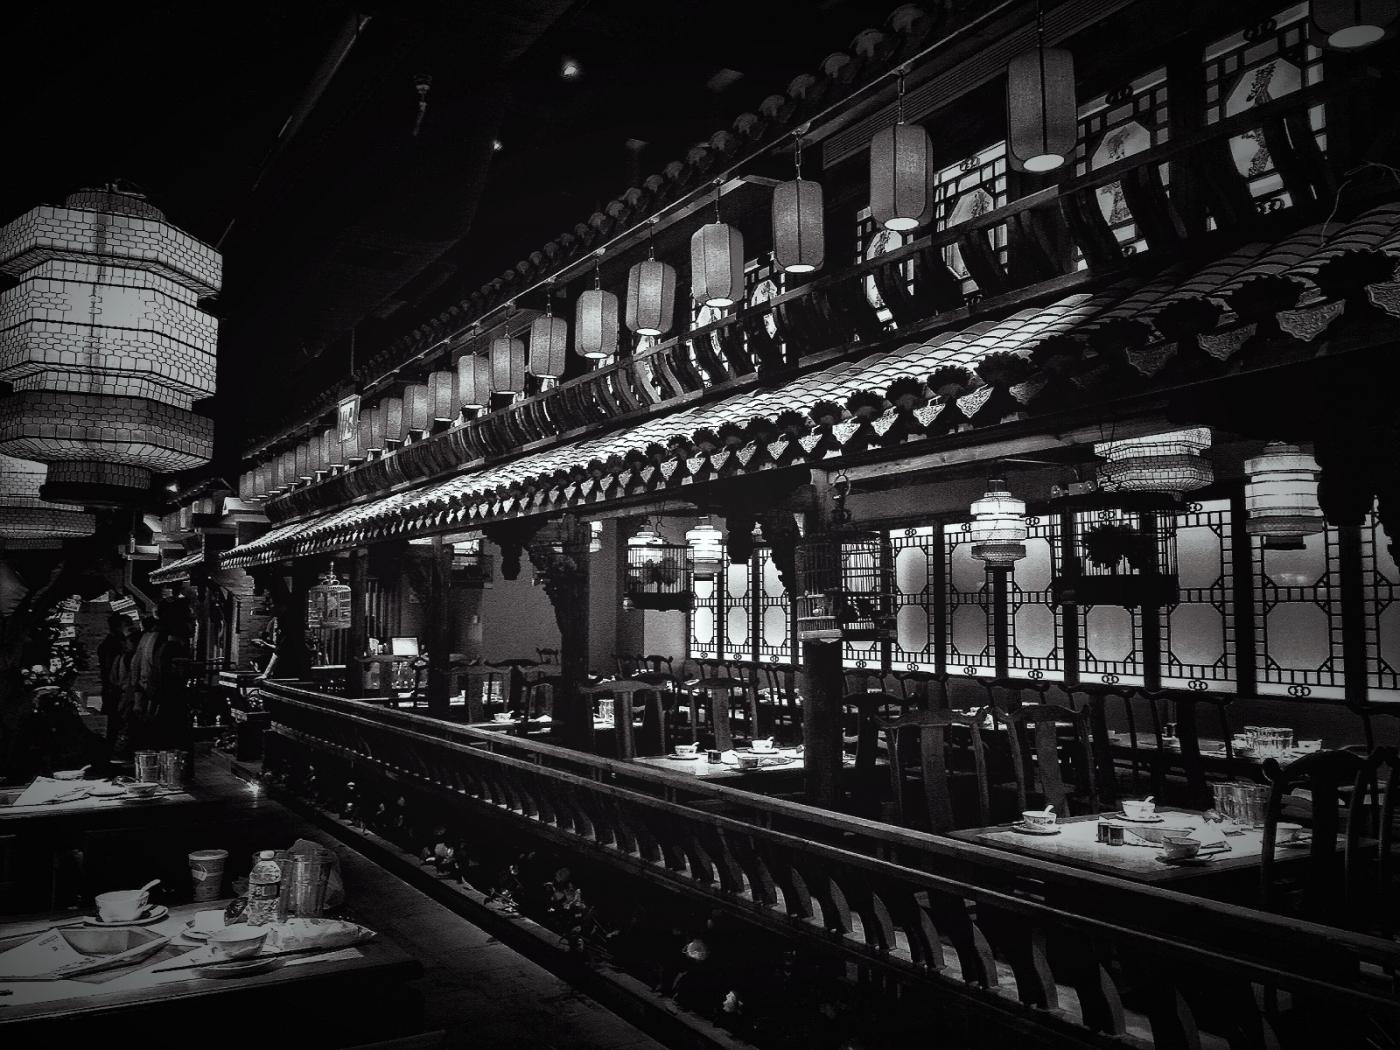 【盲流摄影】纽约法拉盛的中餐馆品味在提升-手机摄影_图1-31